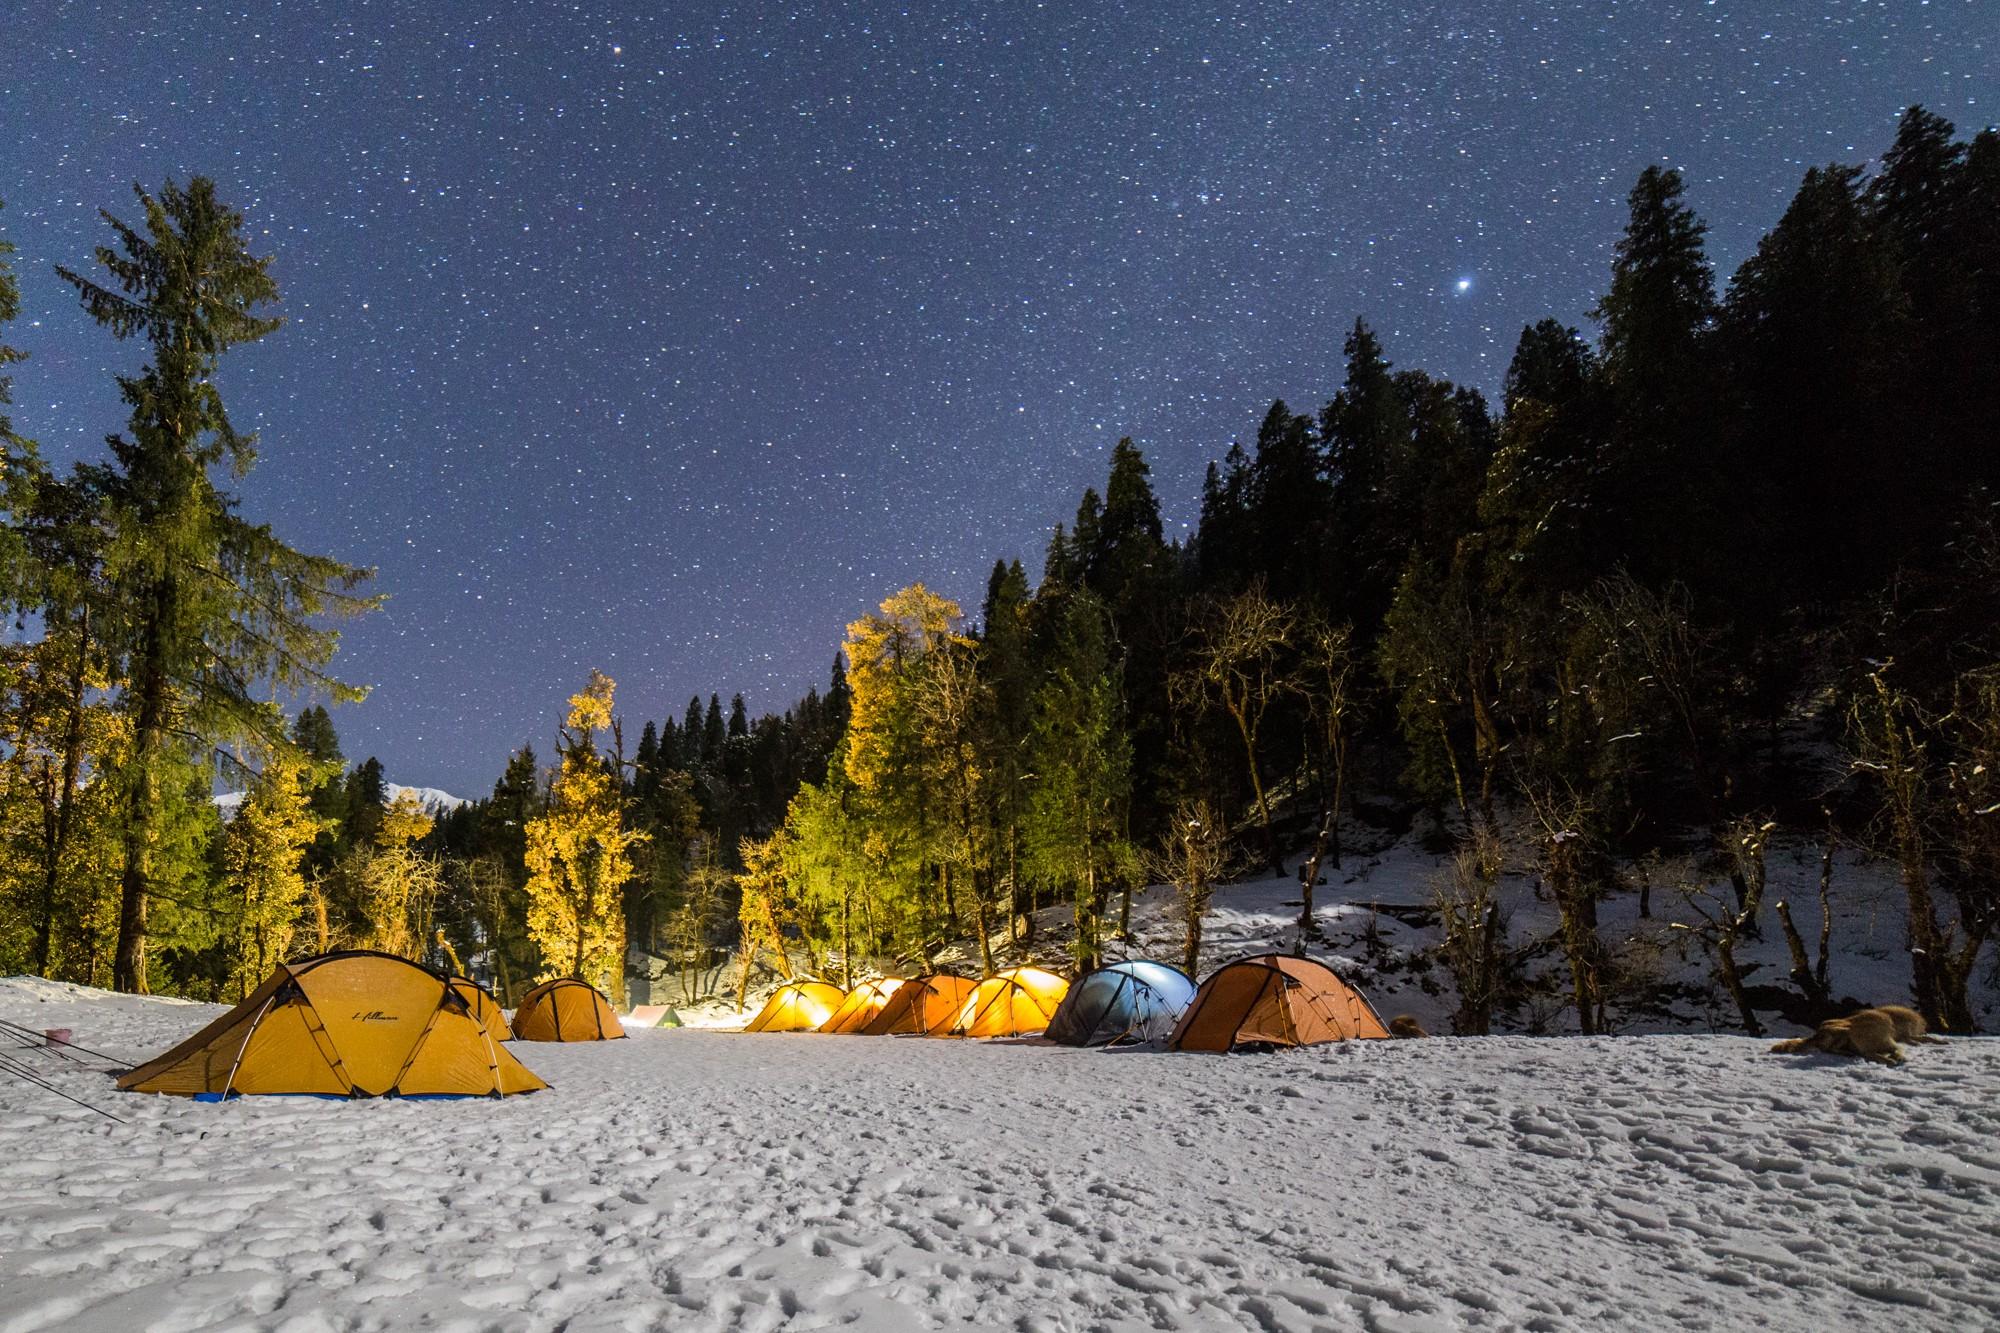 Juda Ka Talab-campsite Kedarkantha Trek.jpeg